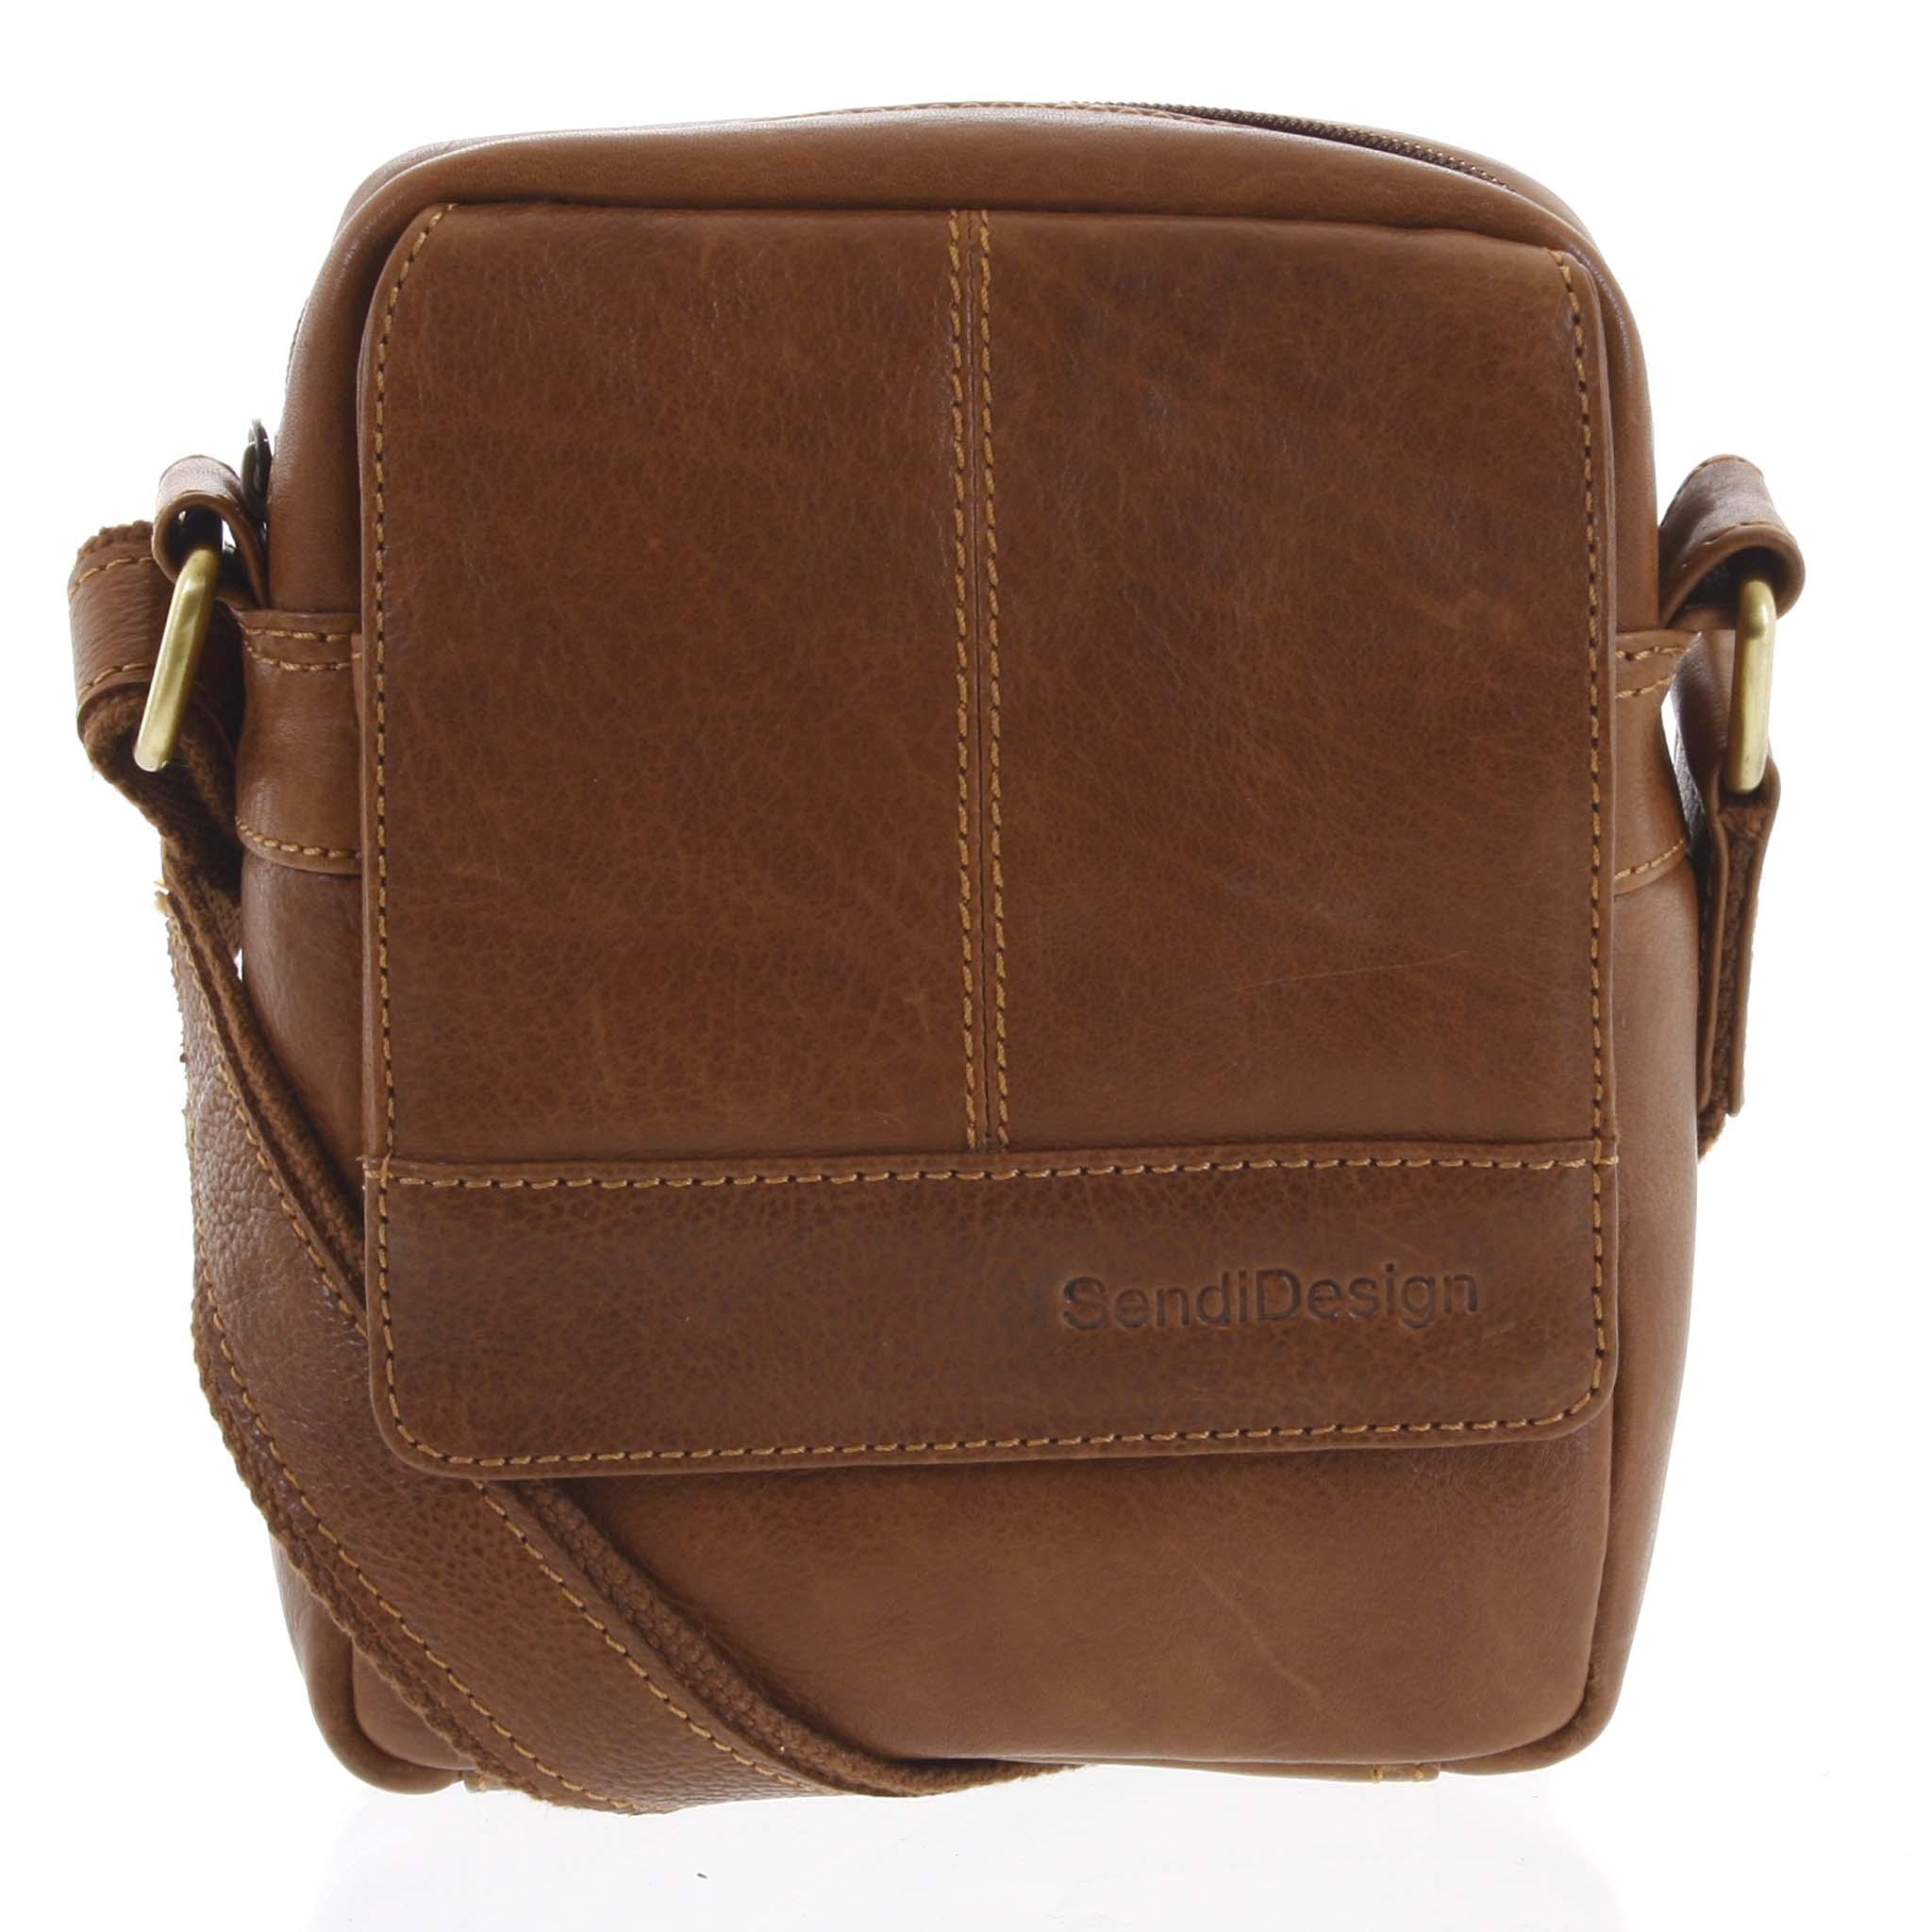 Pánska kožená crossbody taška na doklady hnedá - SendiDesign Niall hnedá